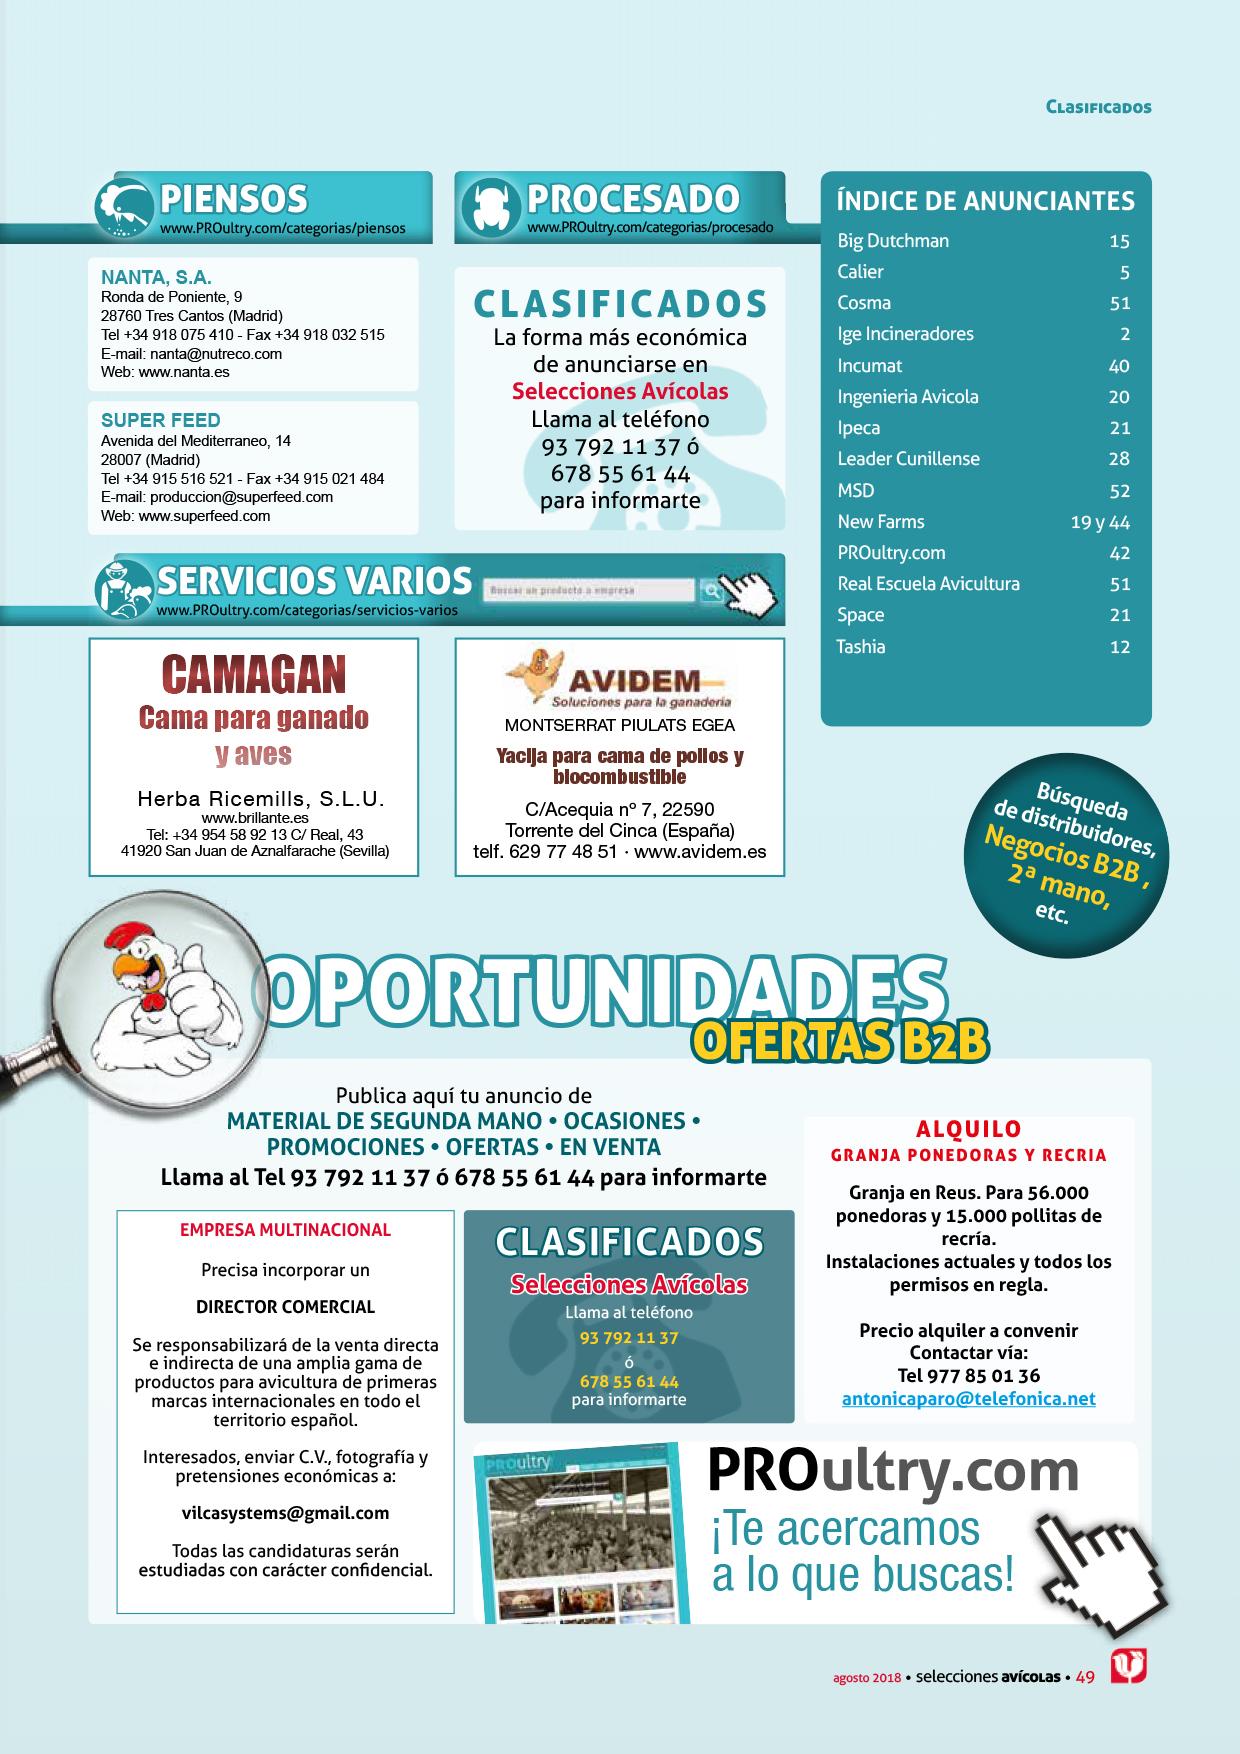 45_49_clasificados_revista_selecciones_avicolas_SA201808_5.jpg